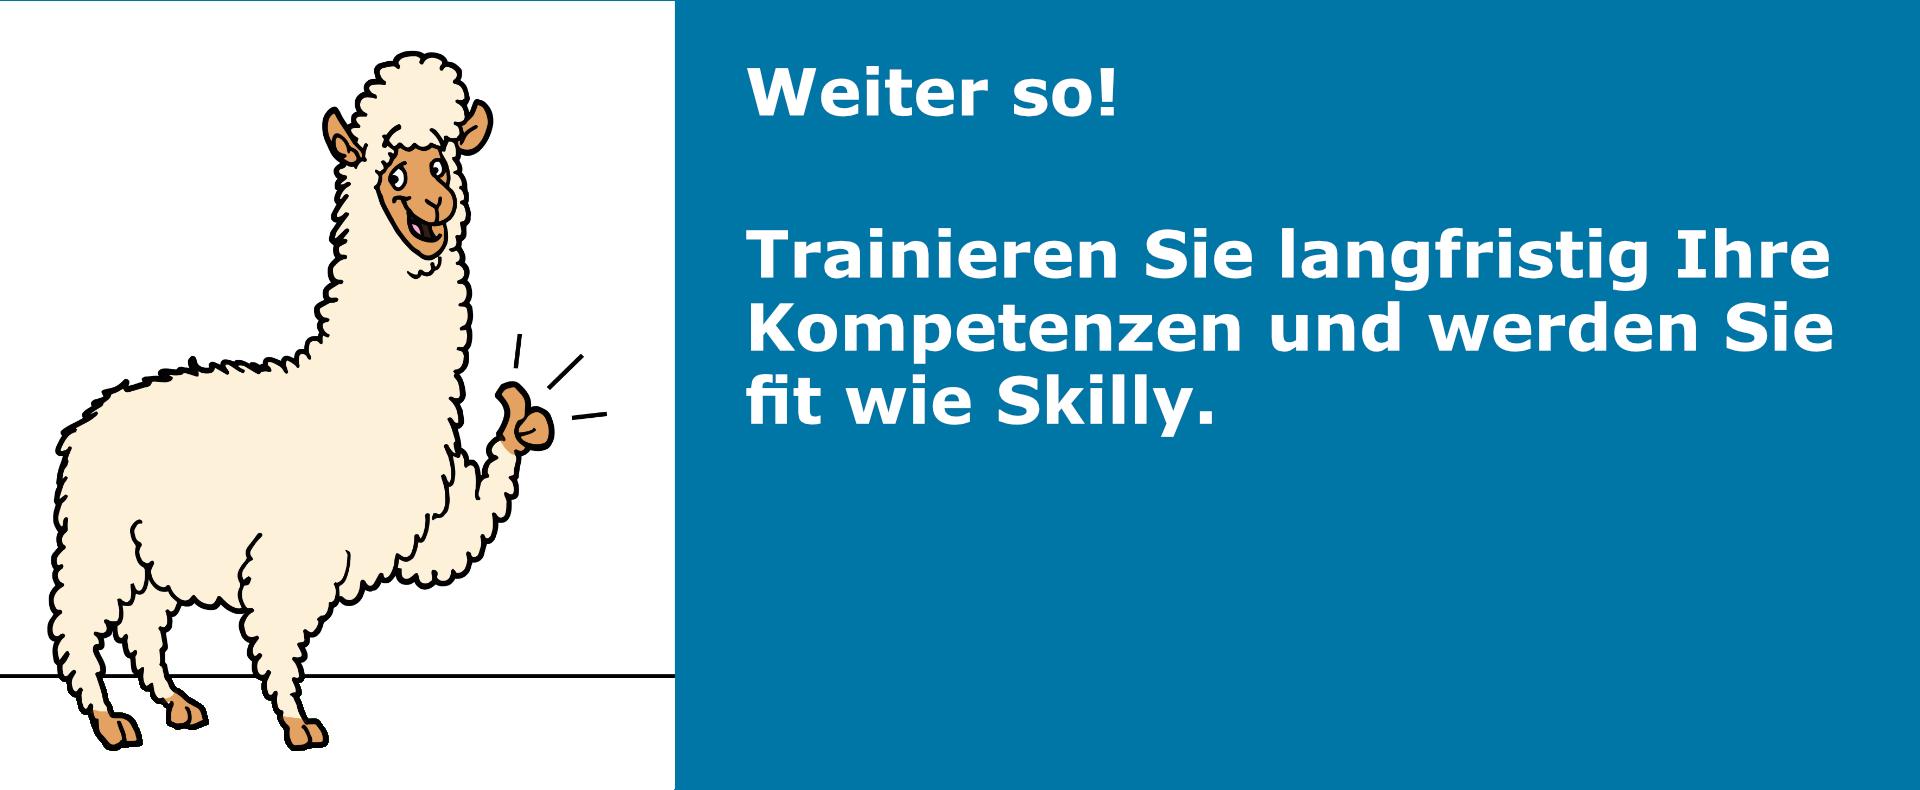 Skilly_5